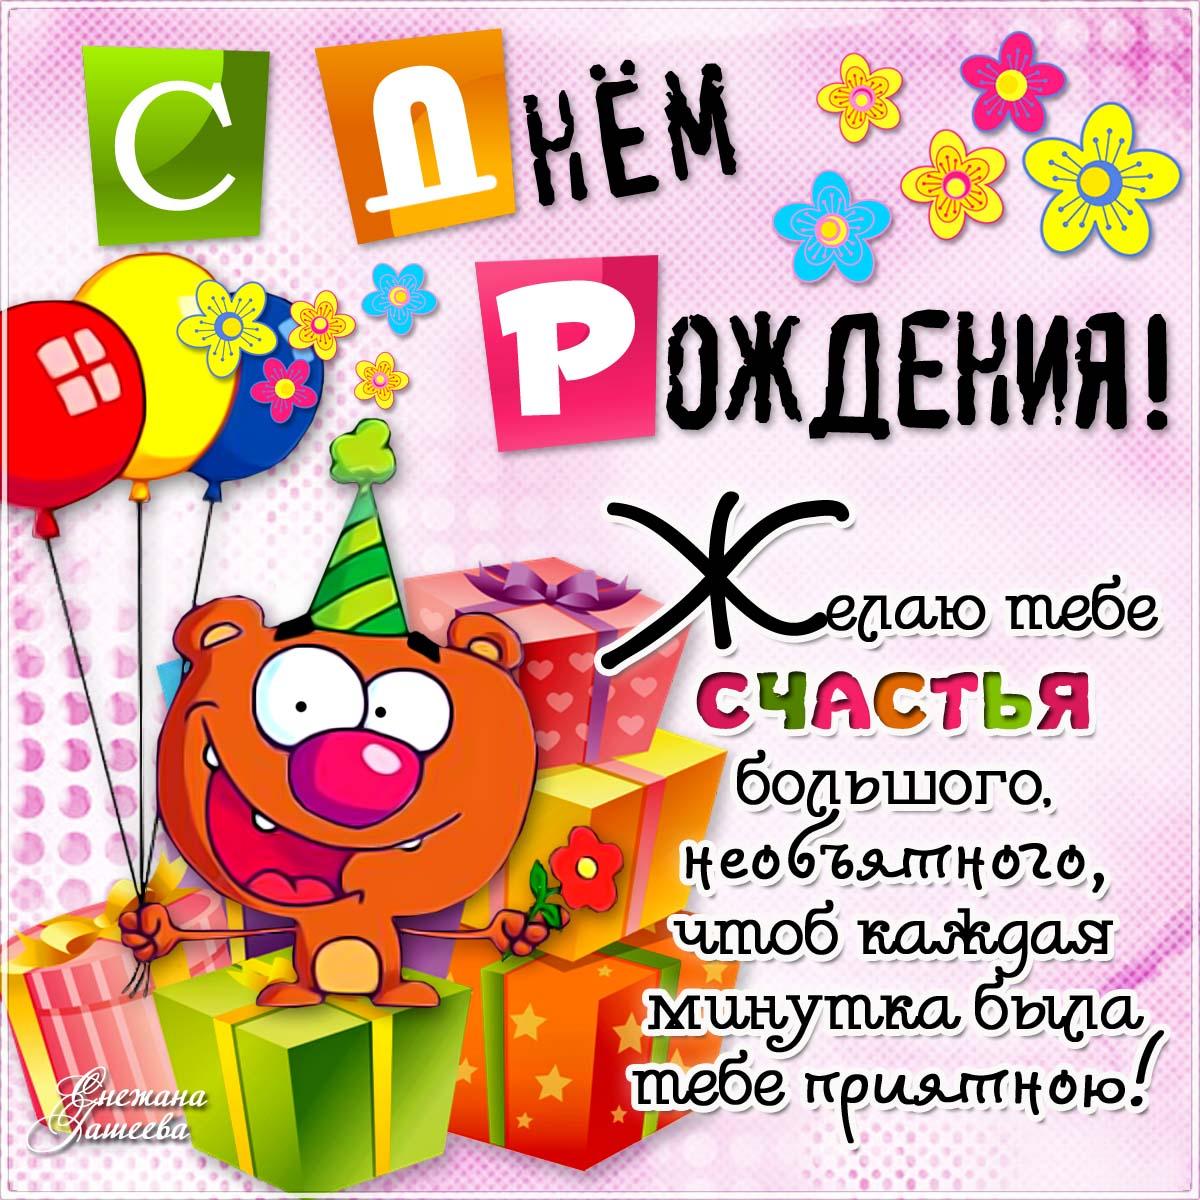 Прикольные поздравления свату с днем рождения 110